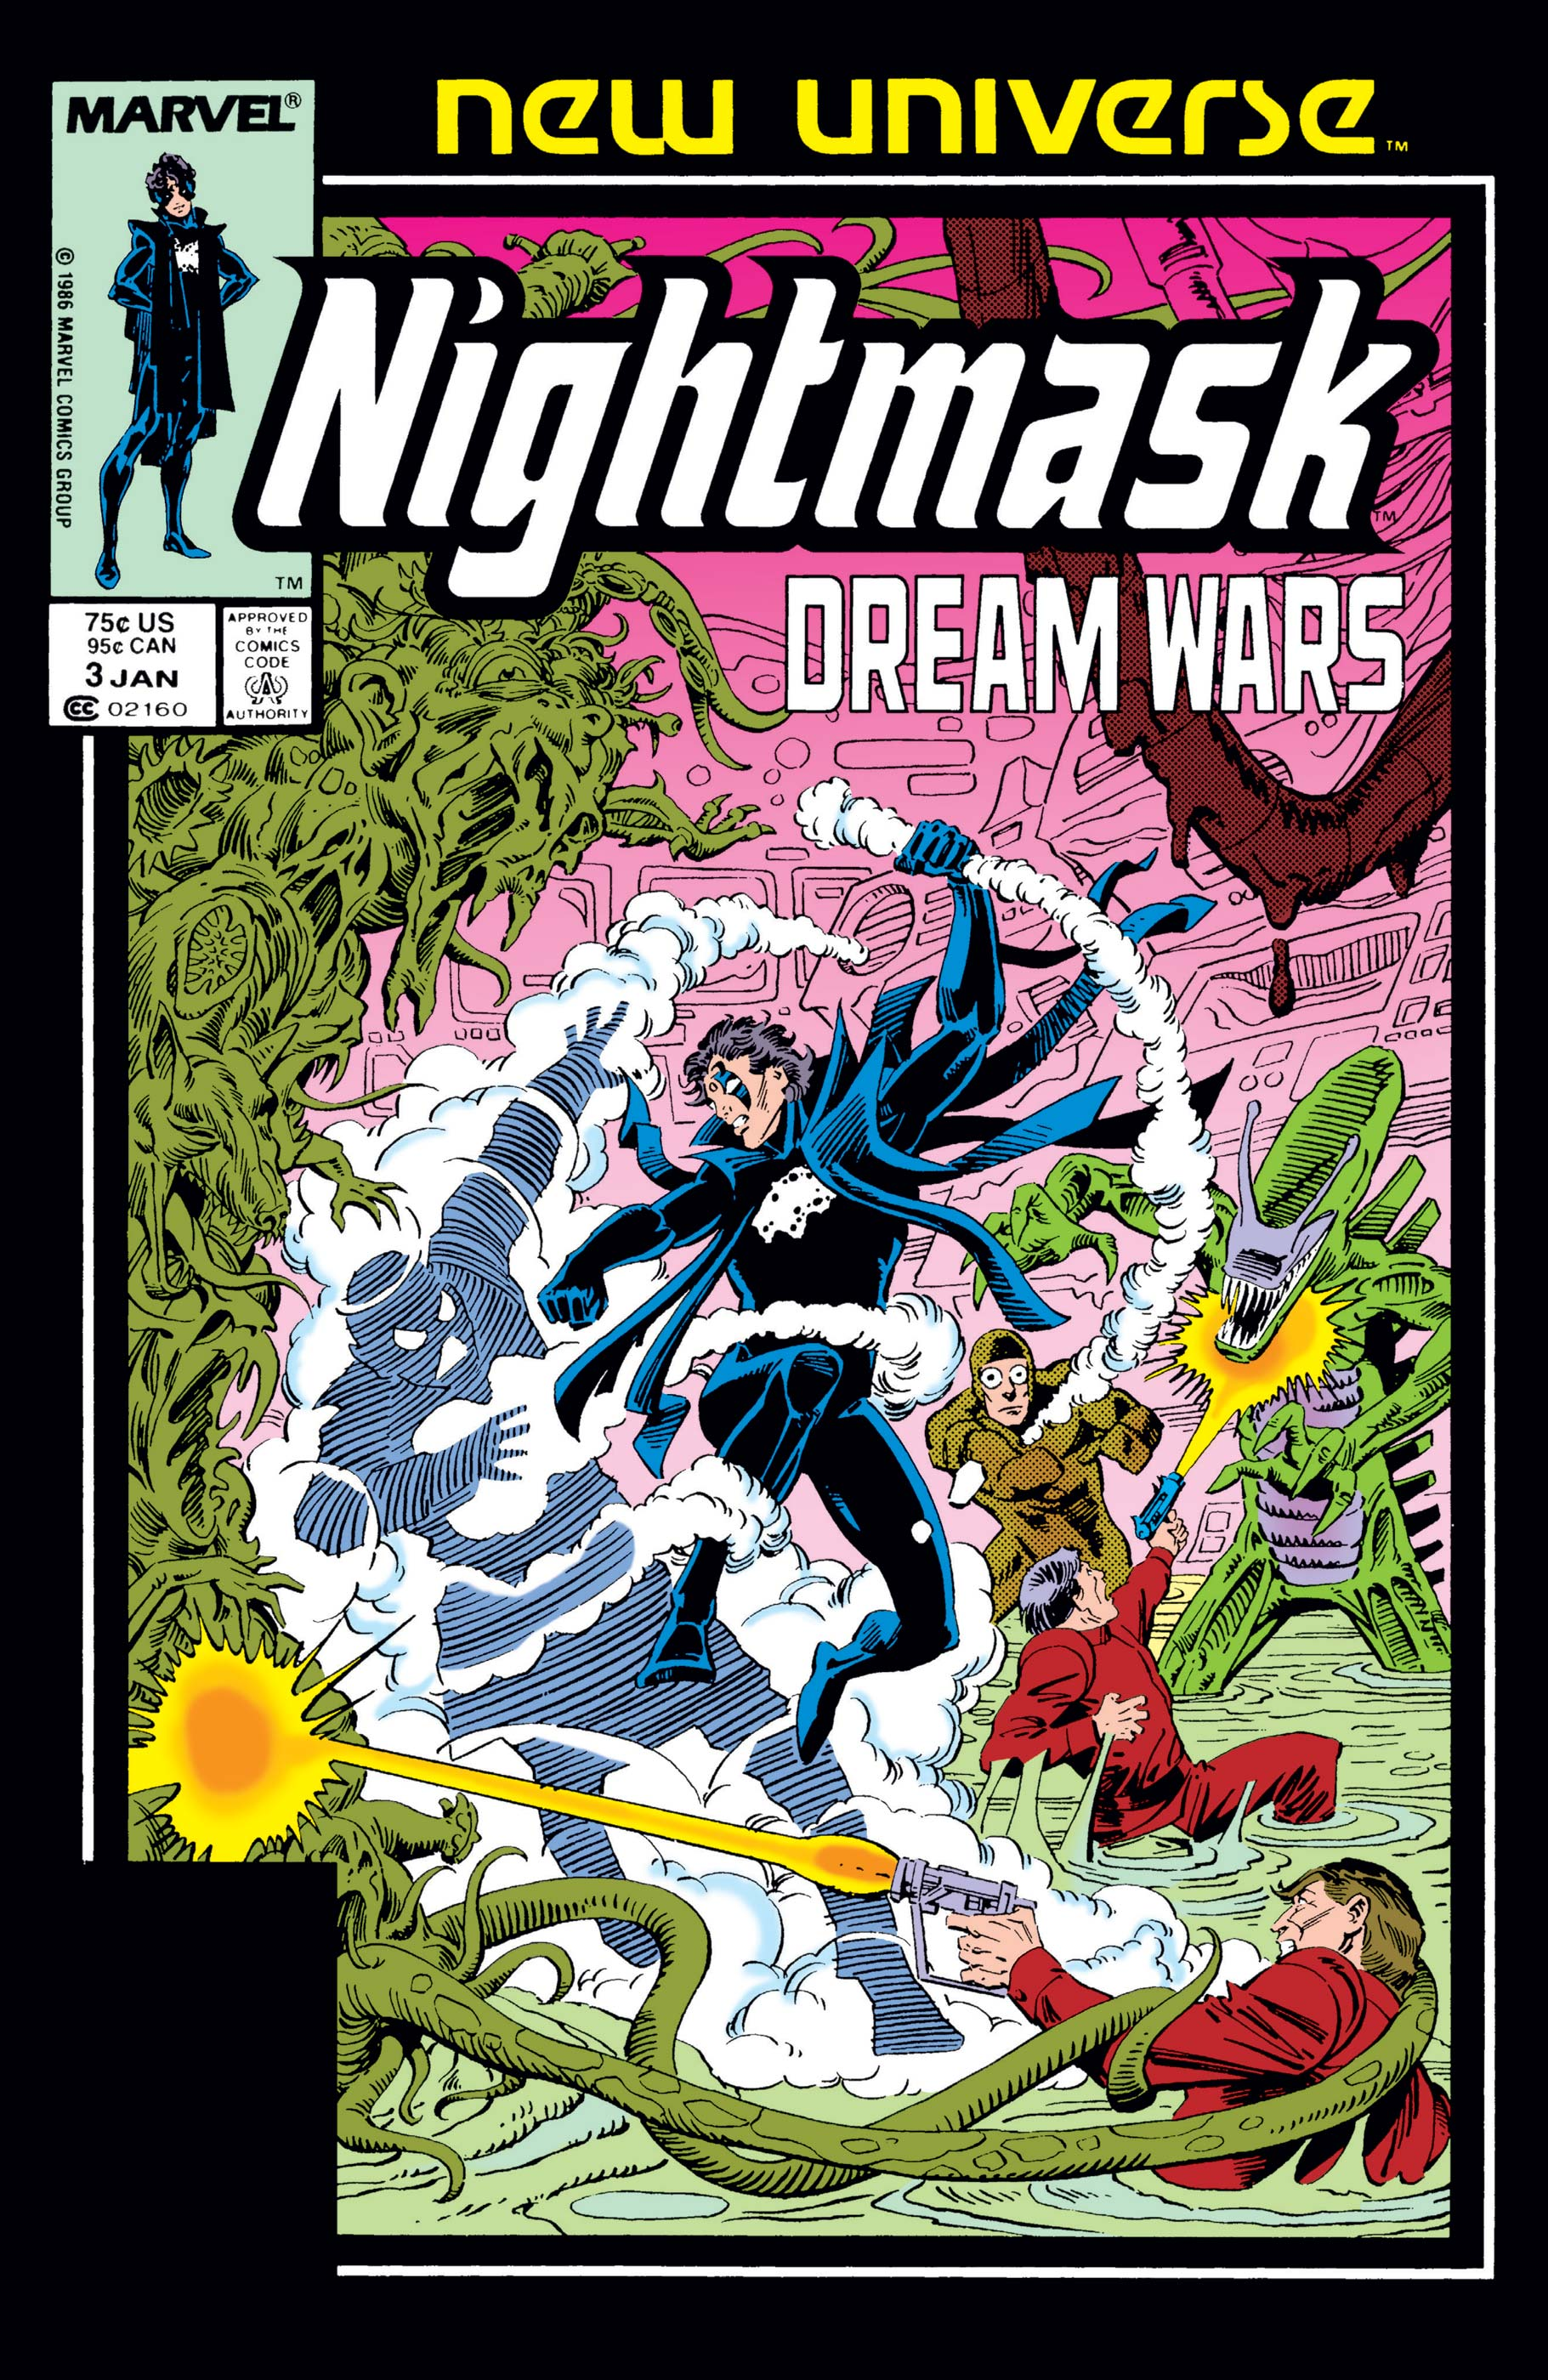 Nightmask (1986) #3